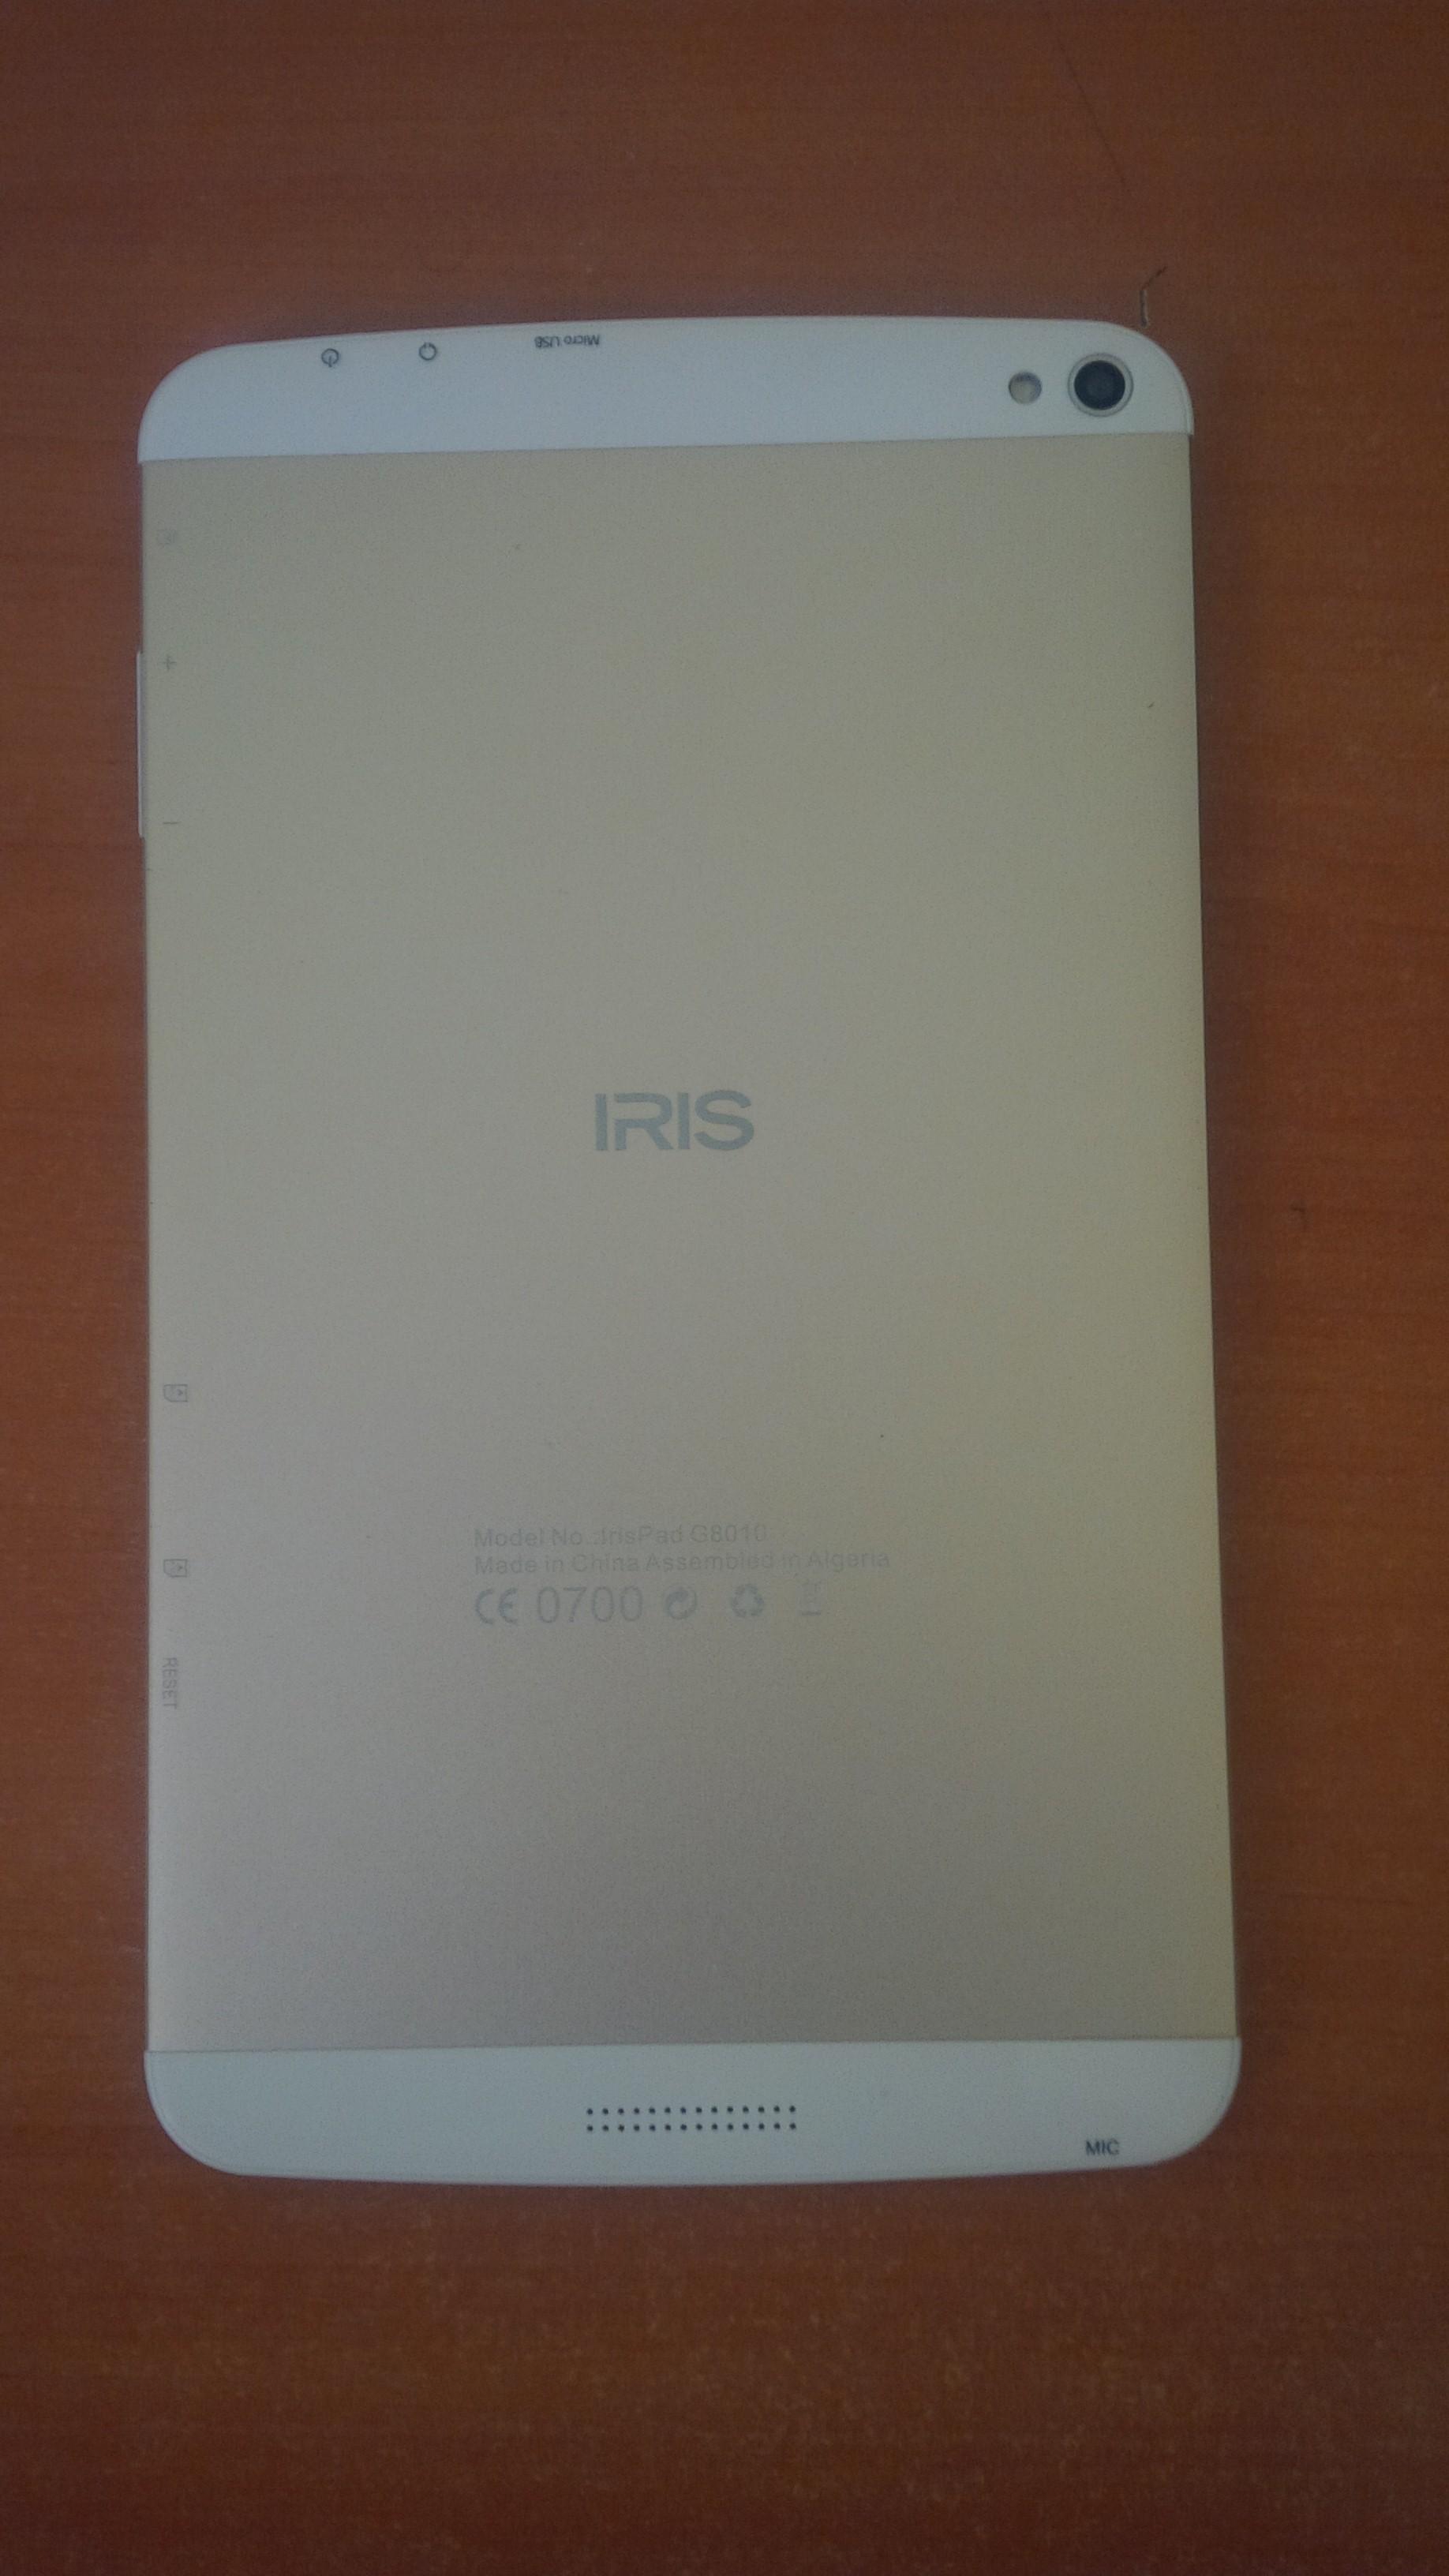 توضيح بالنسبة لشاشة اللمس (Digital) الخاص بـ Irispad G8010